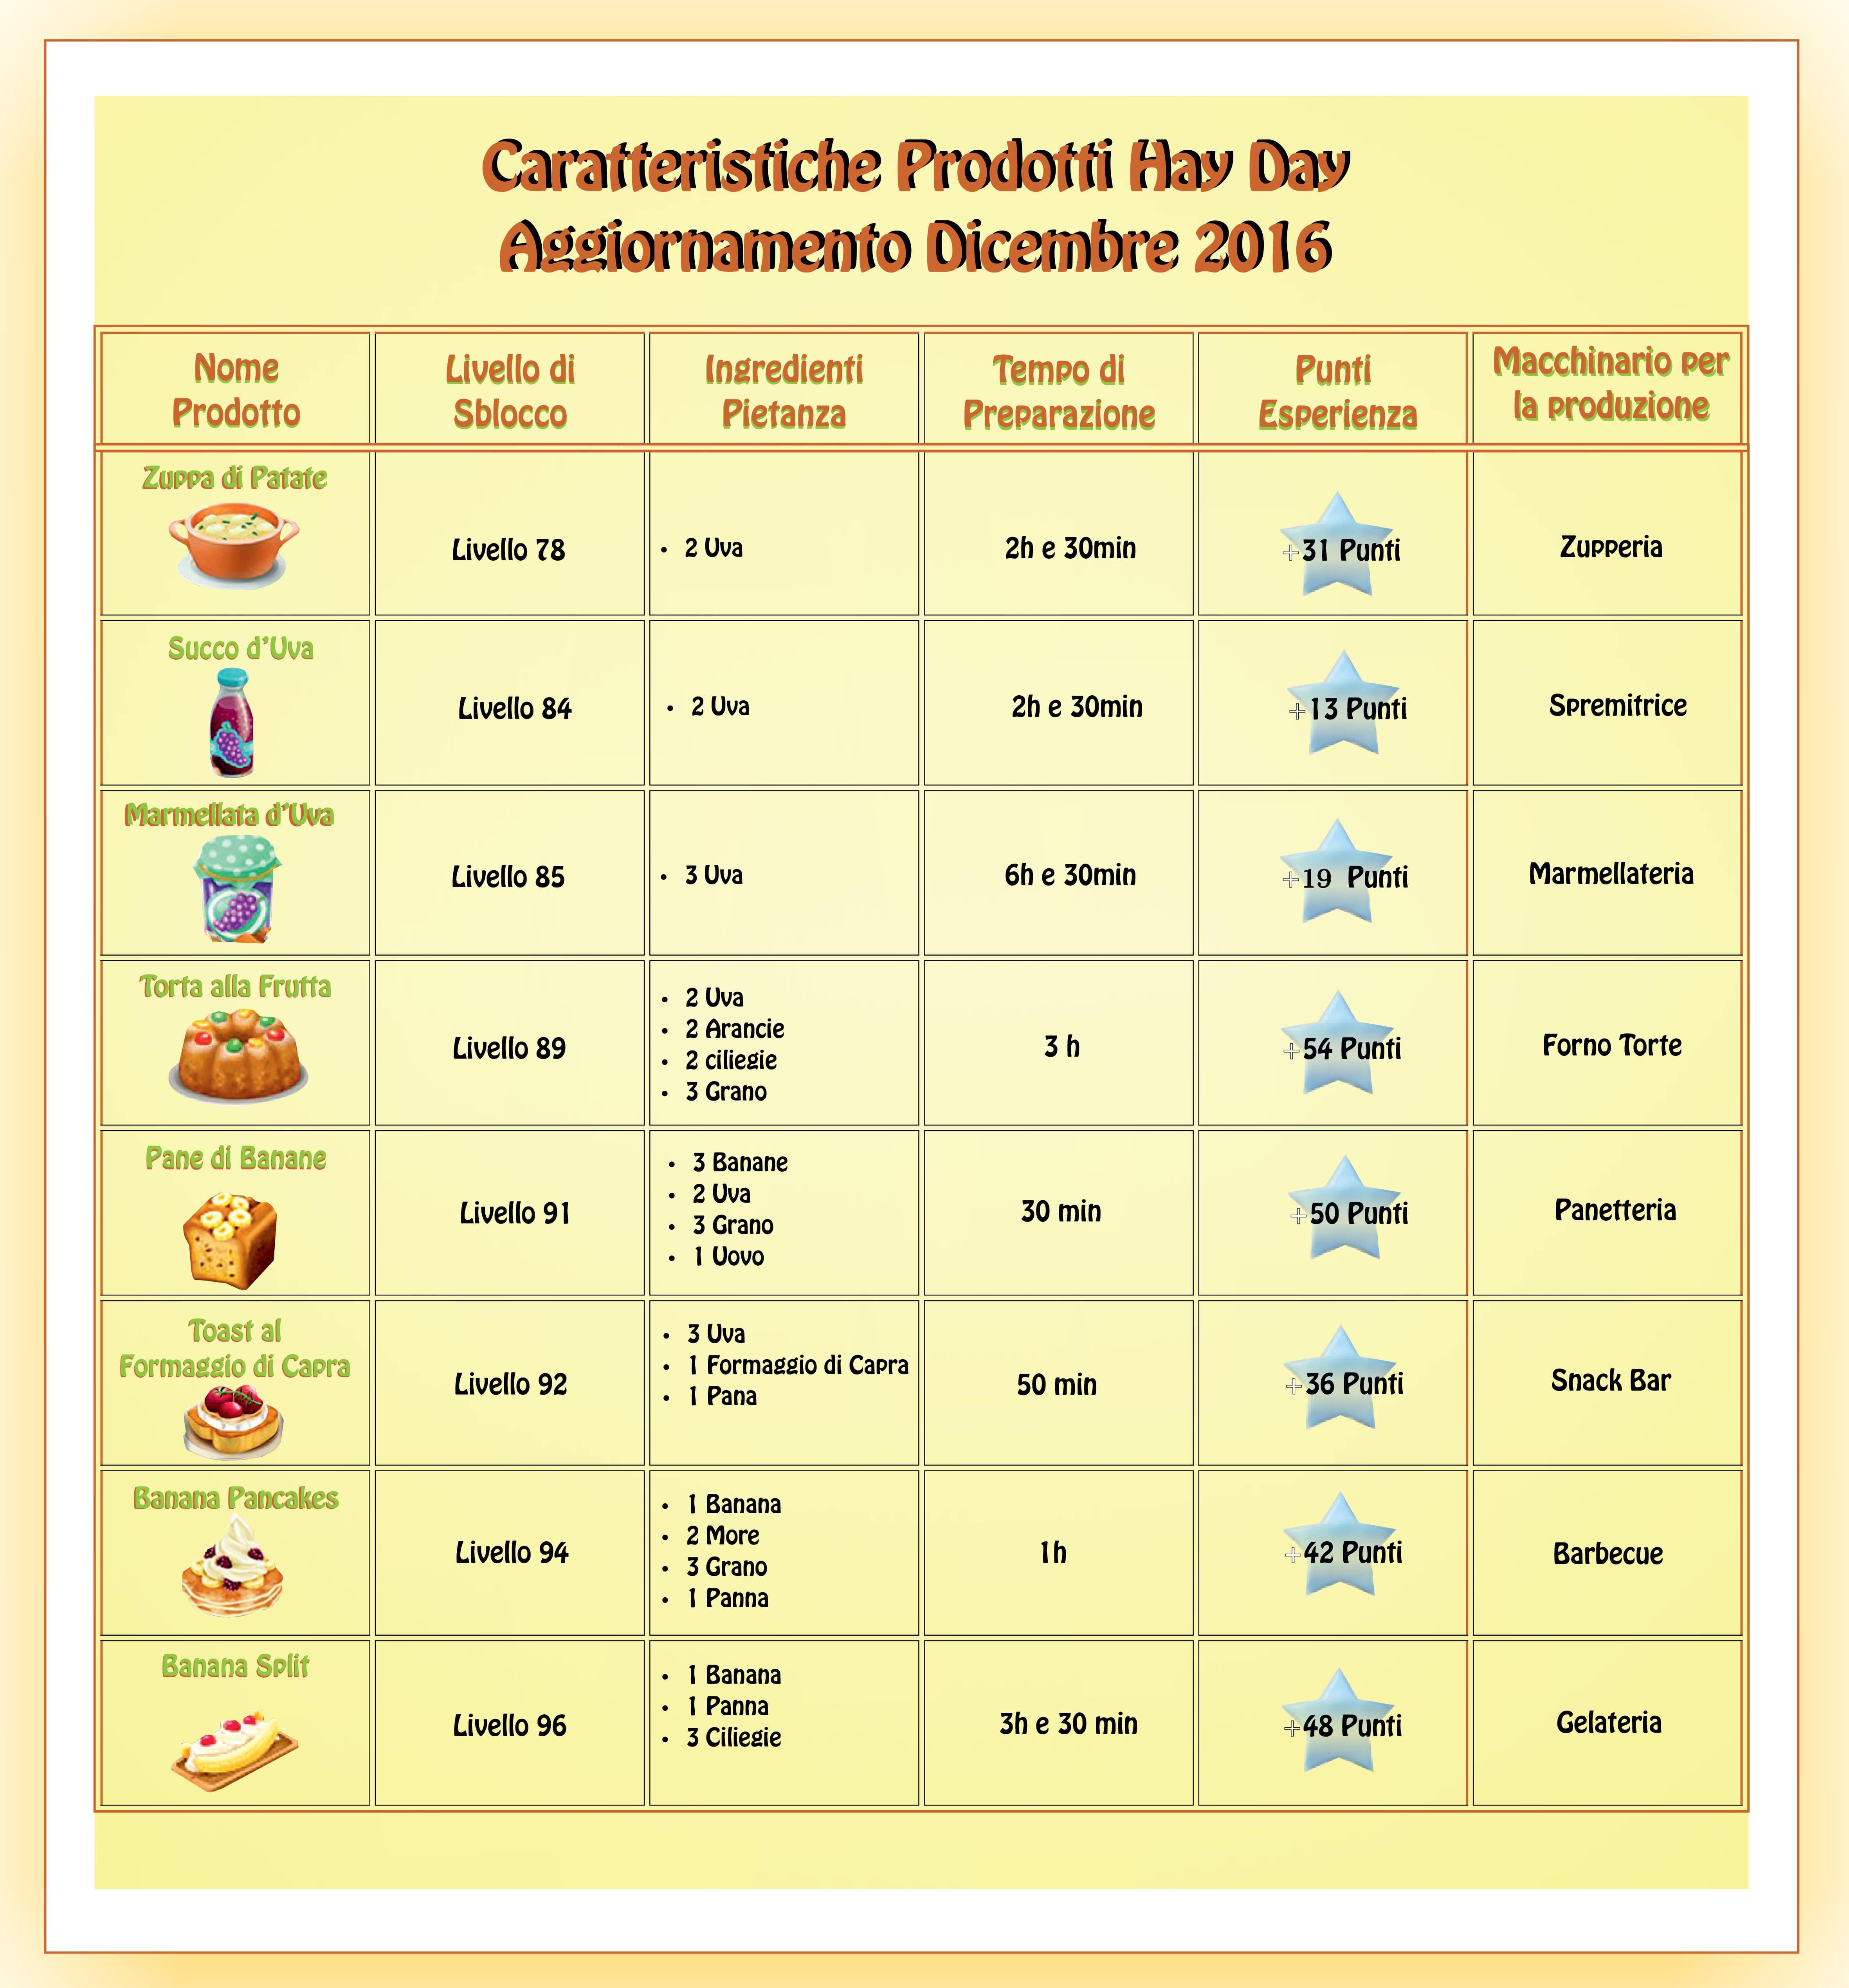 caratteristiche-prodotti-hay-day-aggiornamento-dicembre-2016-min